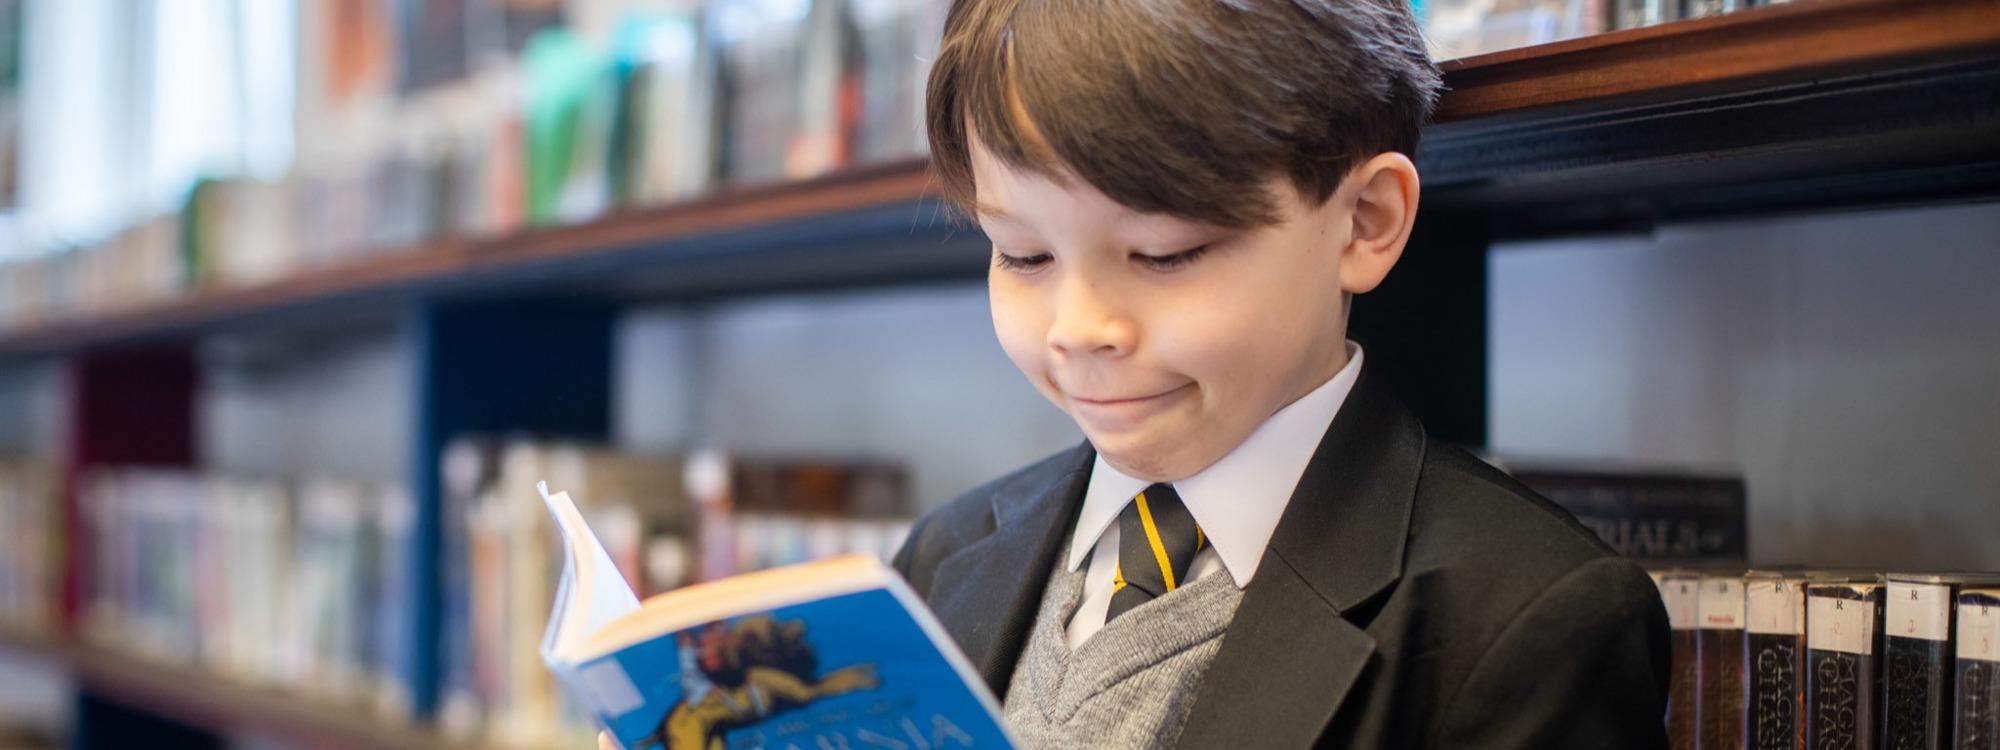 Year 7 pupil reading Narnia